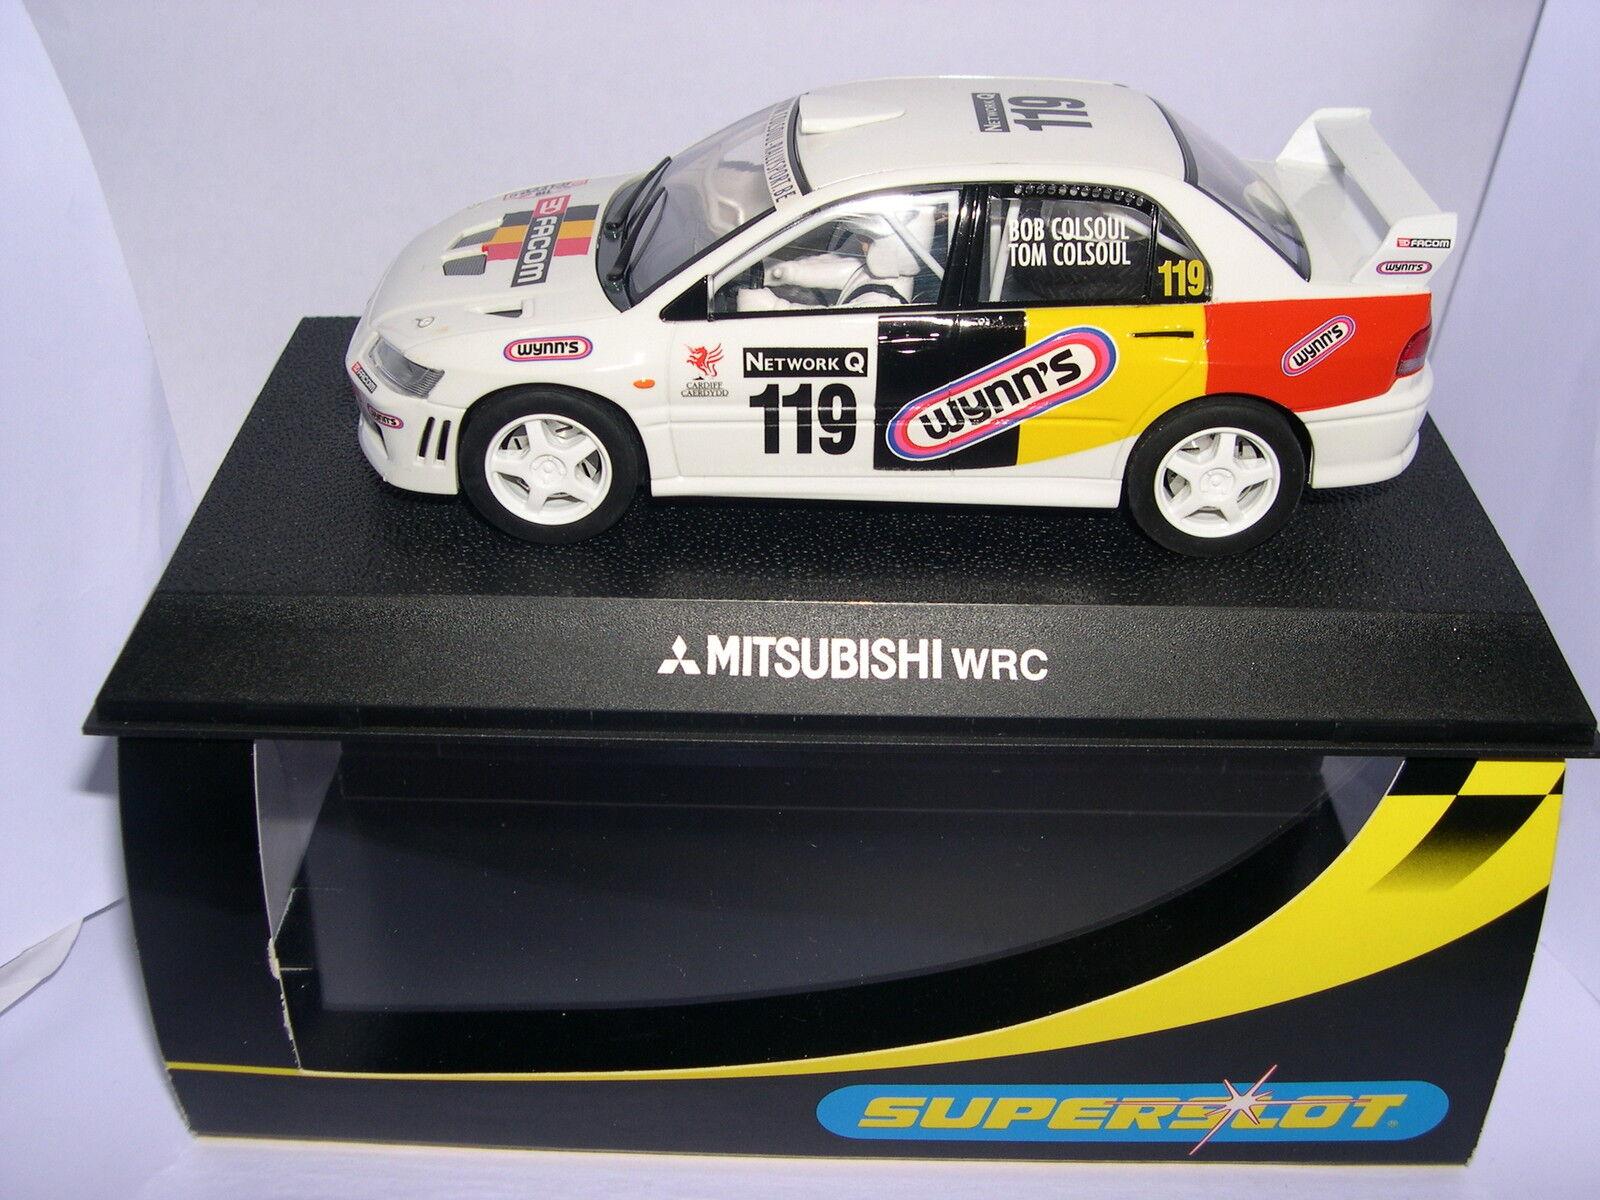 SUPERSLOT H2495 MITSUBISHI LANCER WRC FACOM B.COLSOUL SCALEXTRIC UK MB